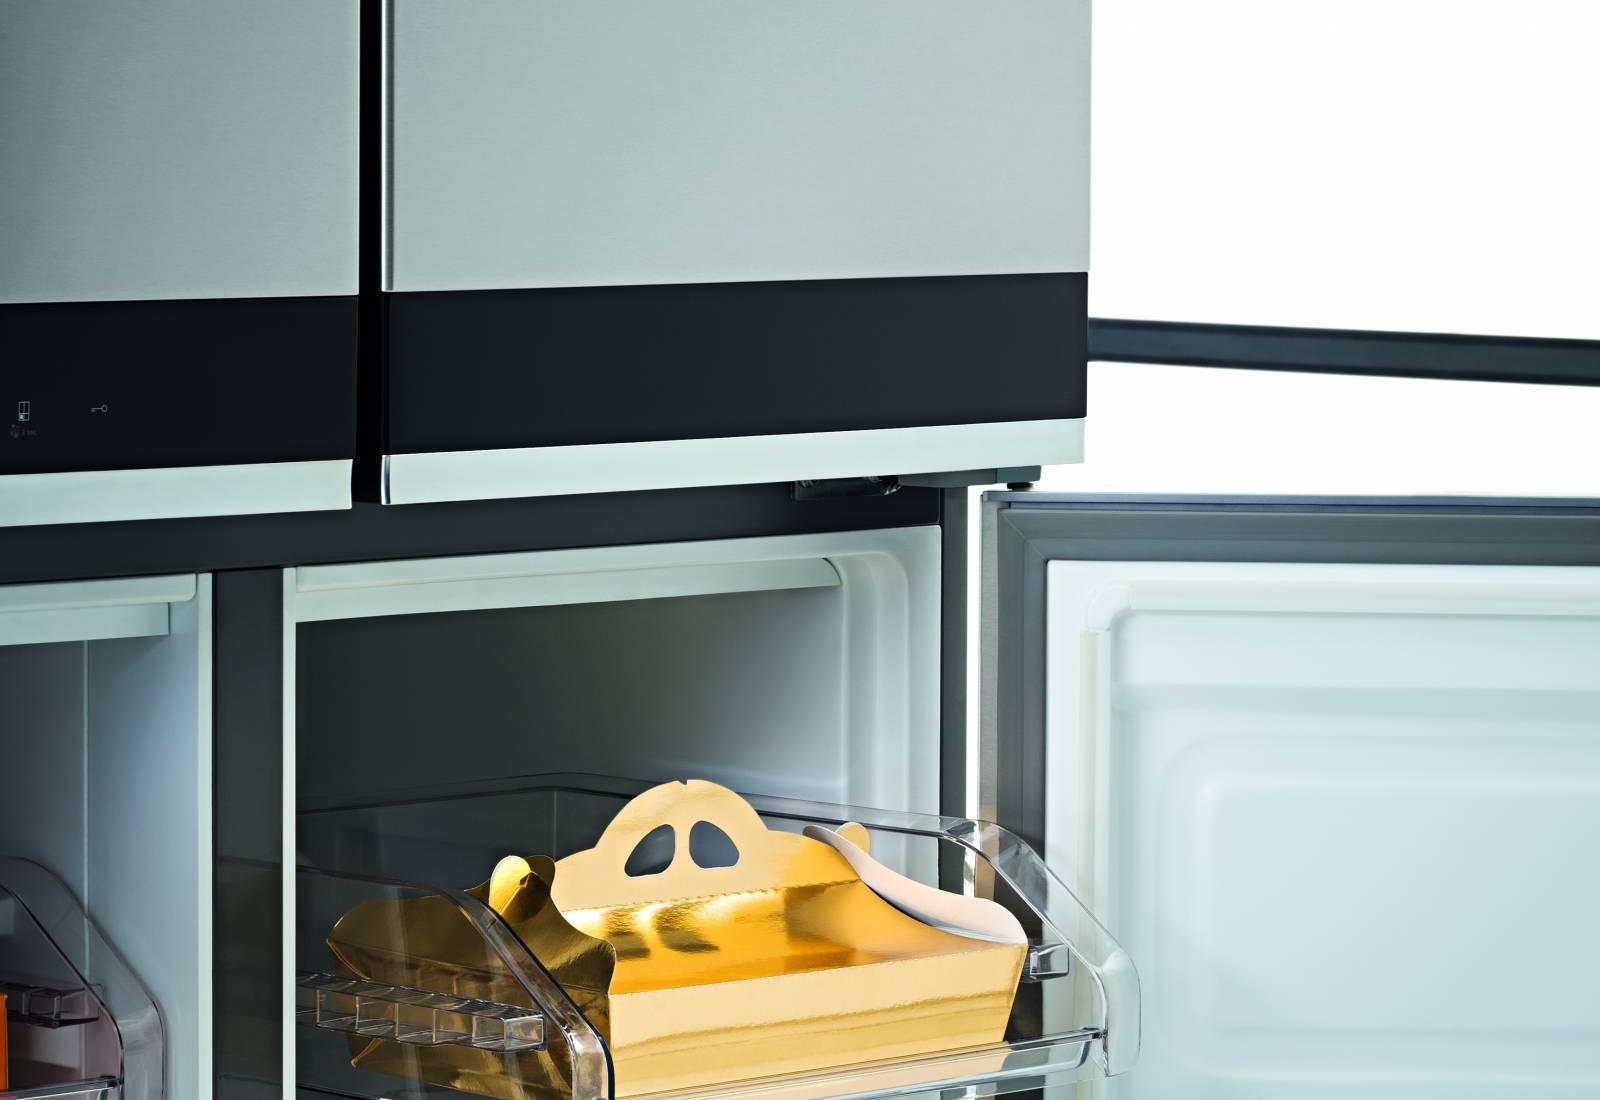 Immagine Whirlpool, il nuovo frigorifero conserva i cibi freschi più a lungo nel modo più naturale 1